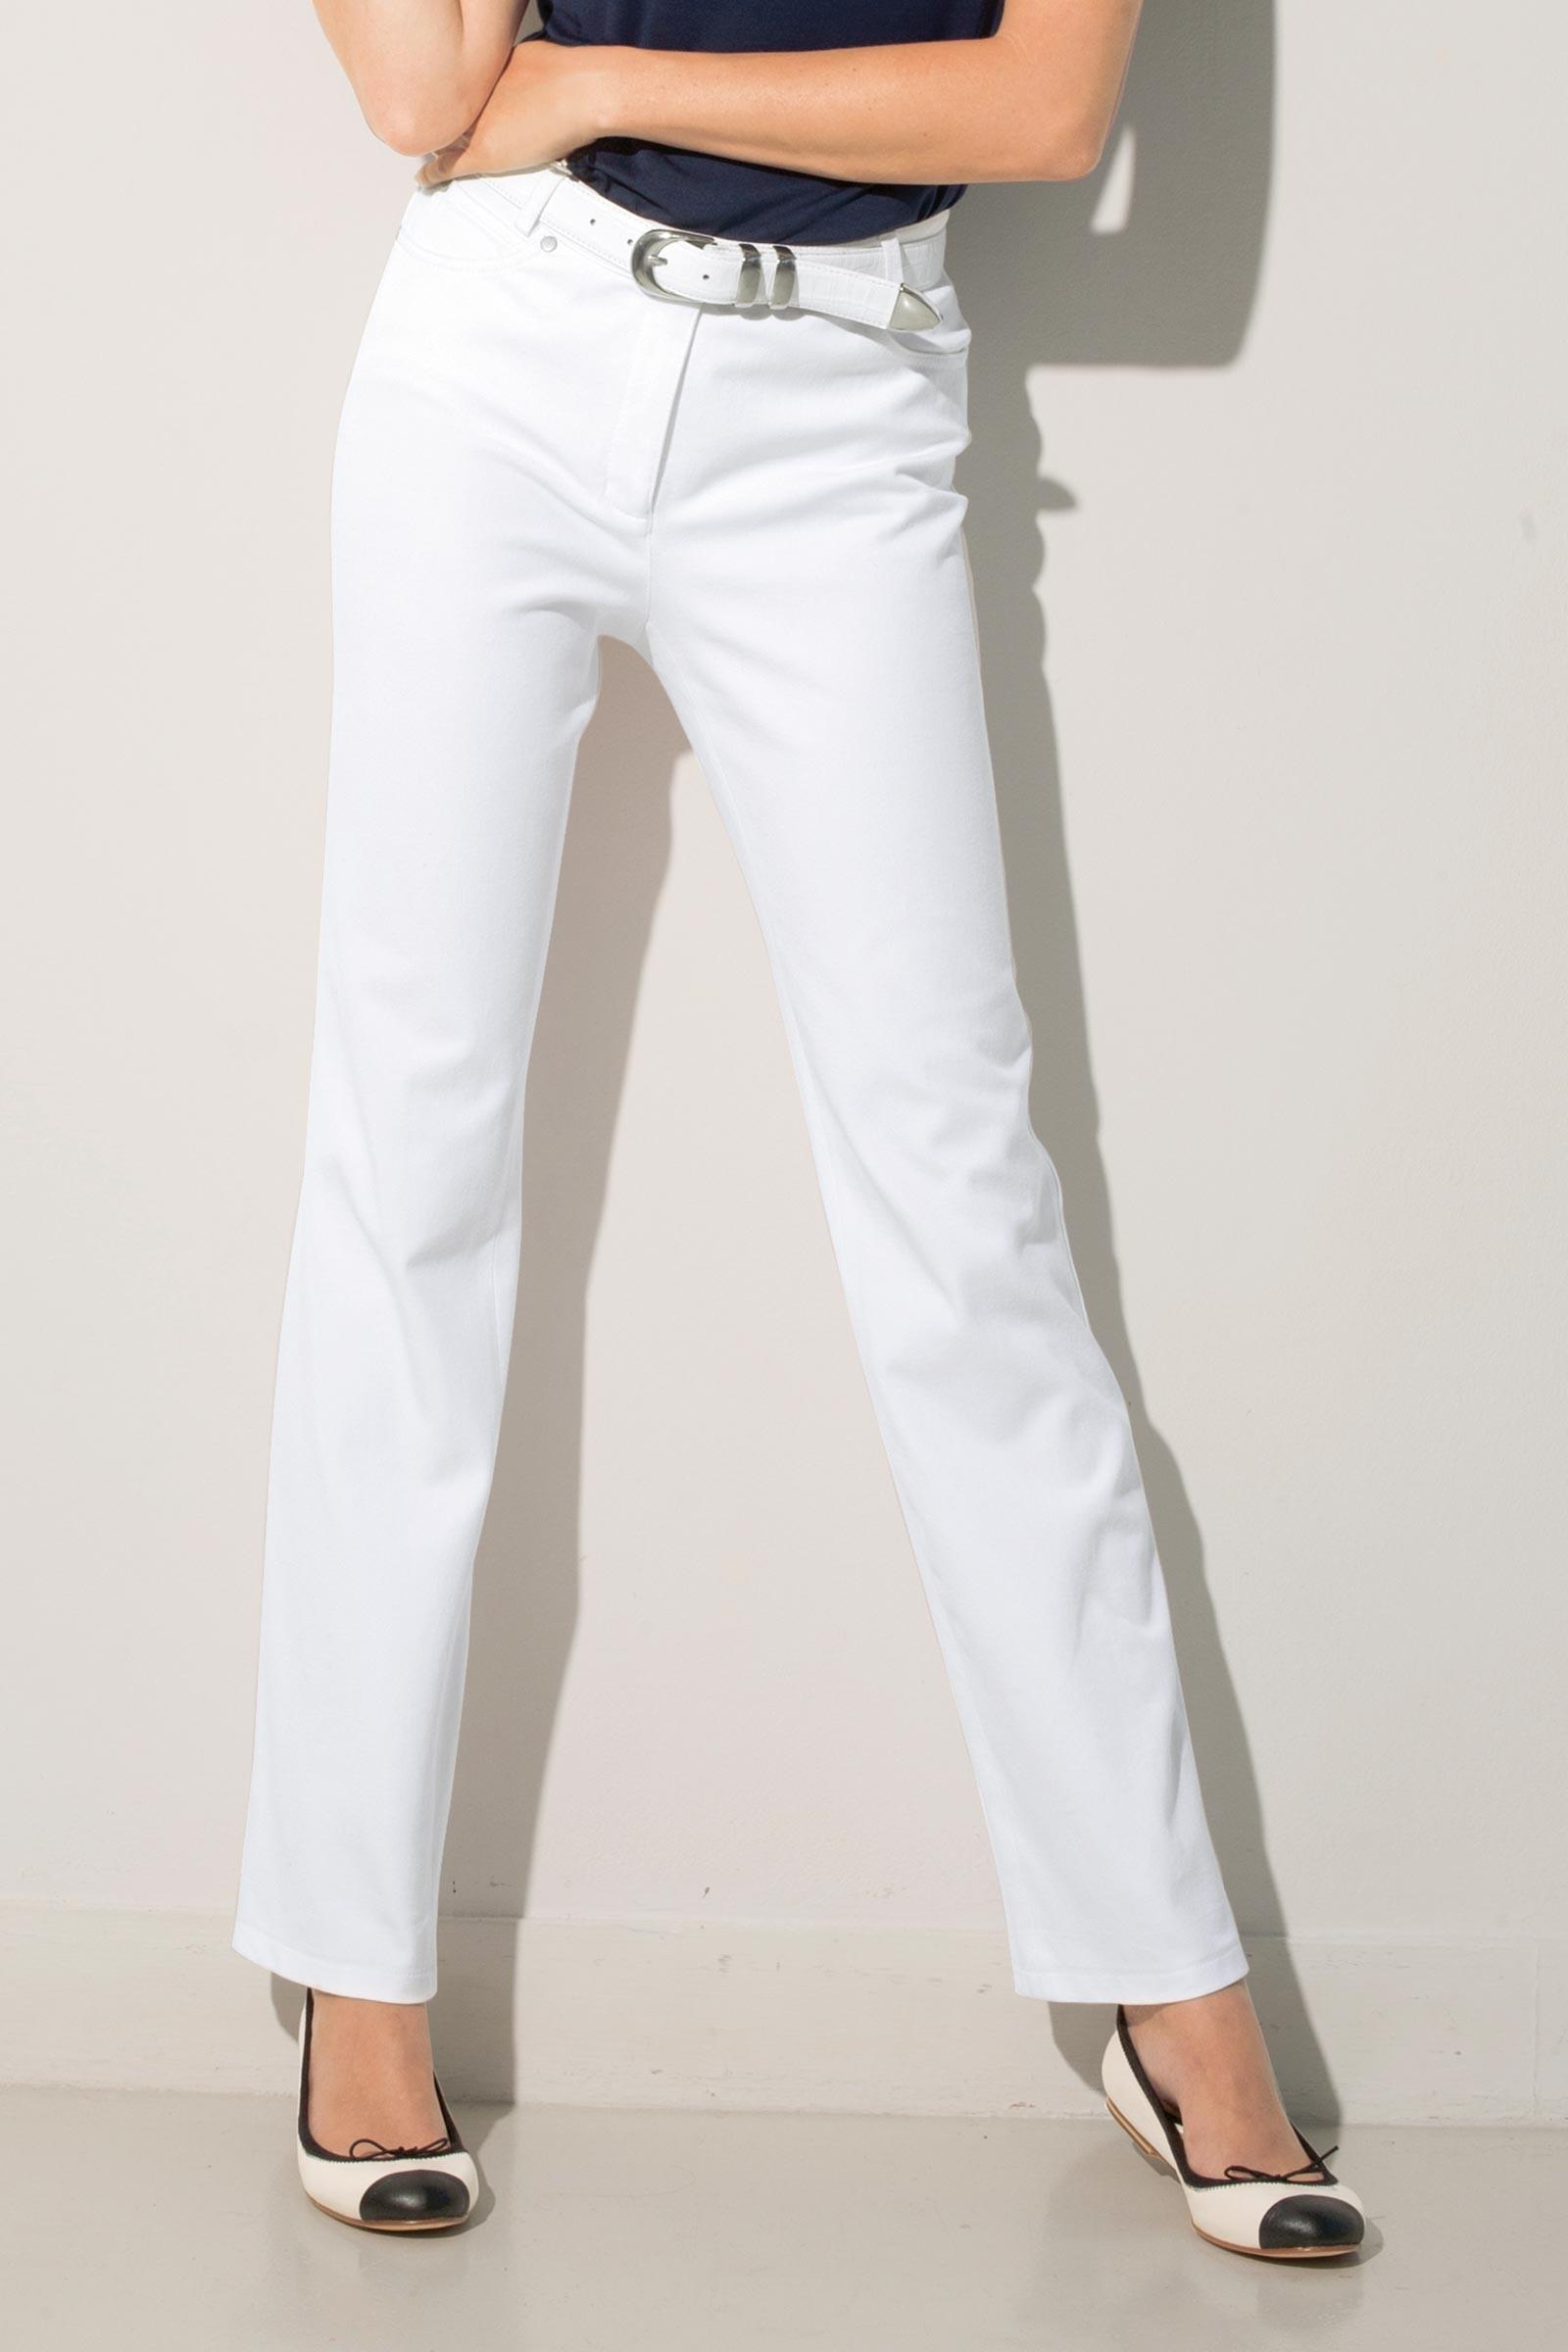 Réveillez la masculinité enfouie en vous avec un tailleur pantalon femme